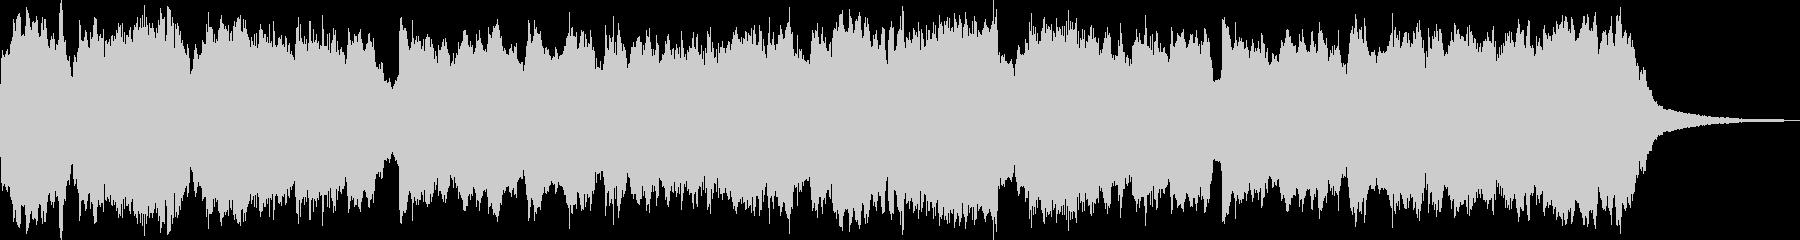 木管でゆったりとしたヒーリングBGMの未再生の波形